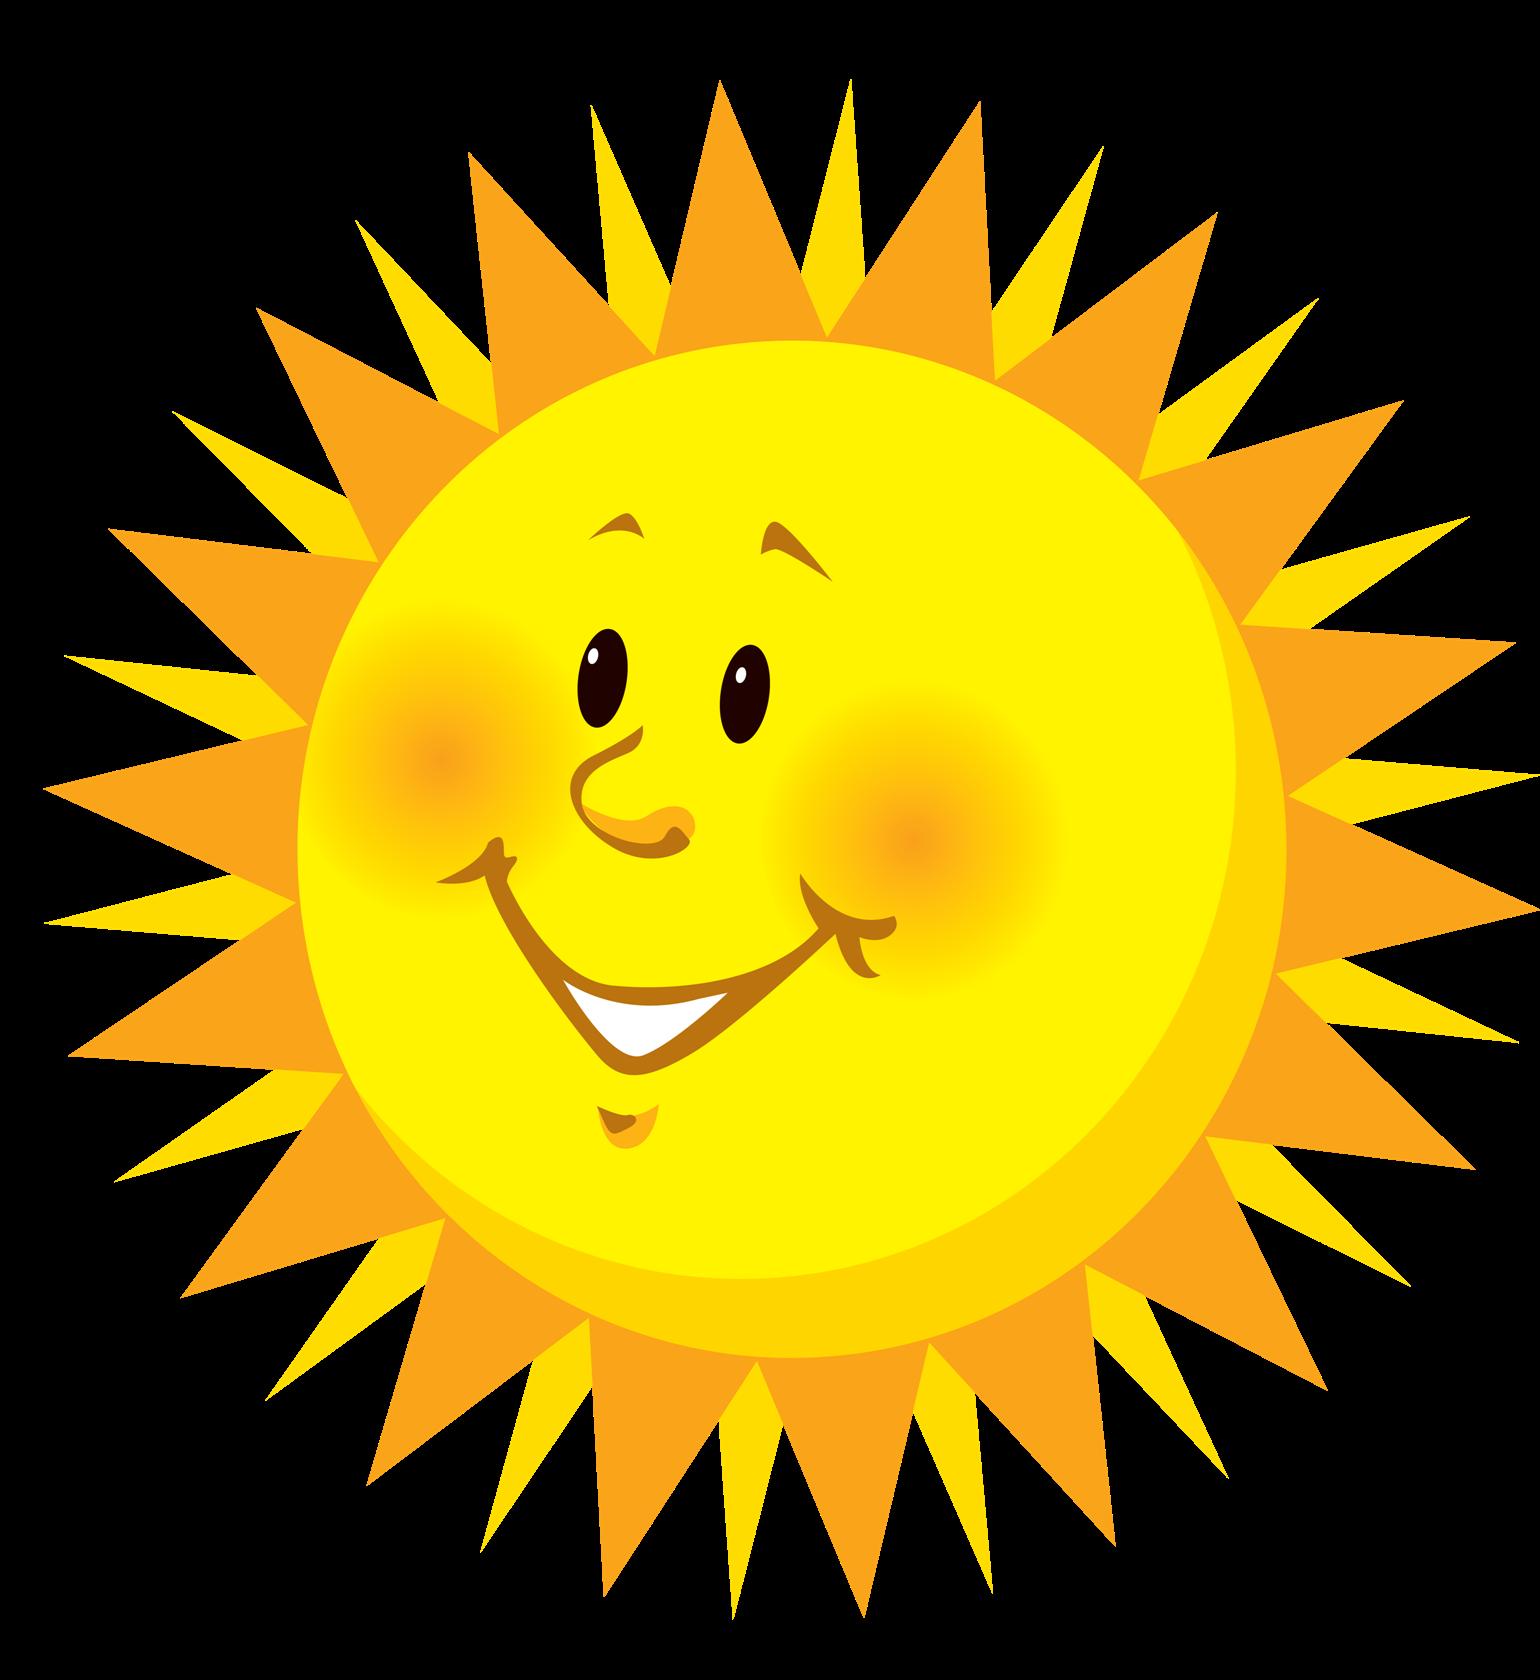 солнышко для солнышка картинки духов день хочу